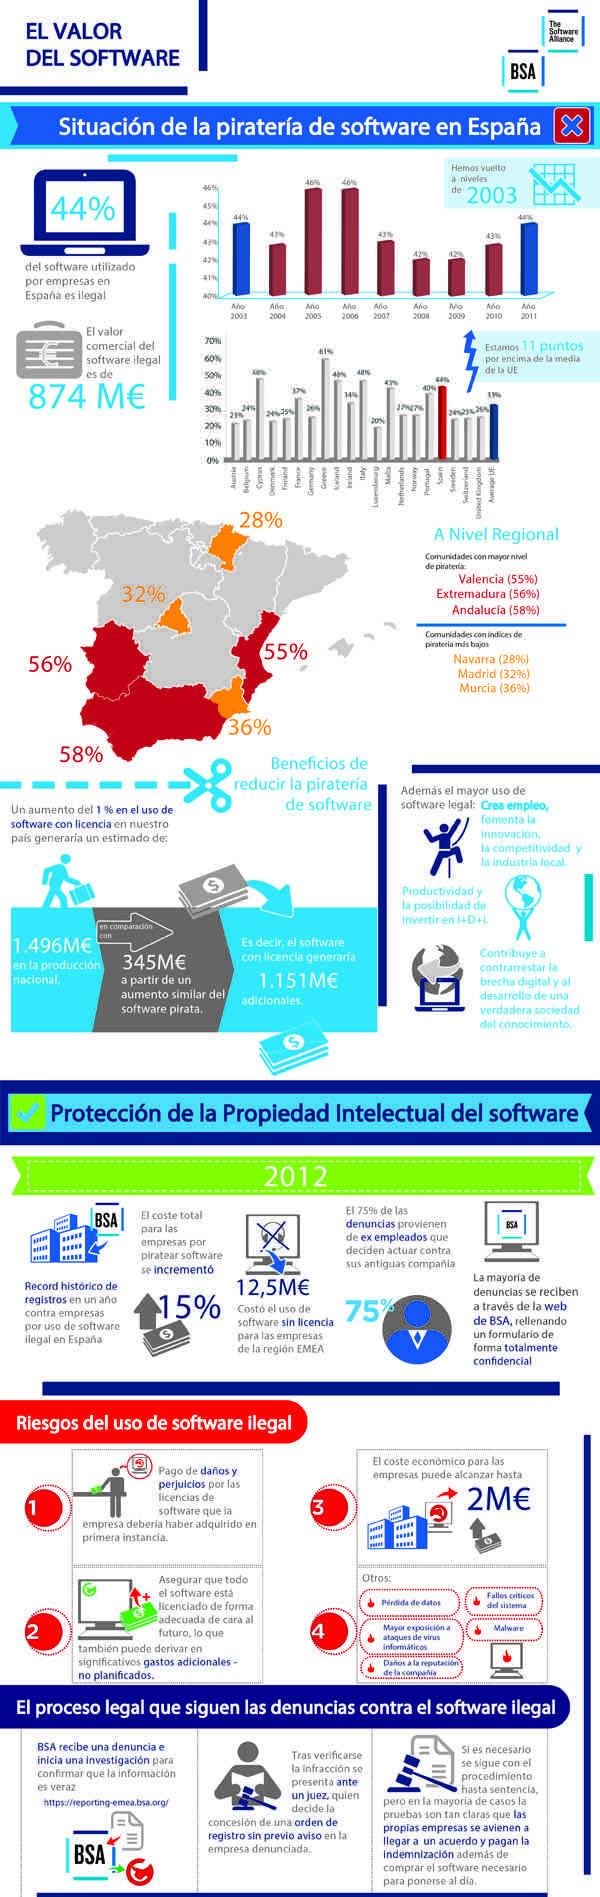 Consecuencias económicas de la piratería de software en España